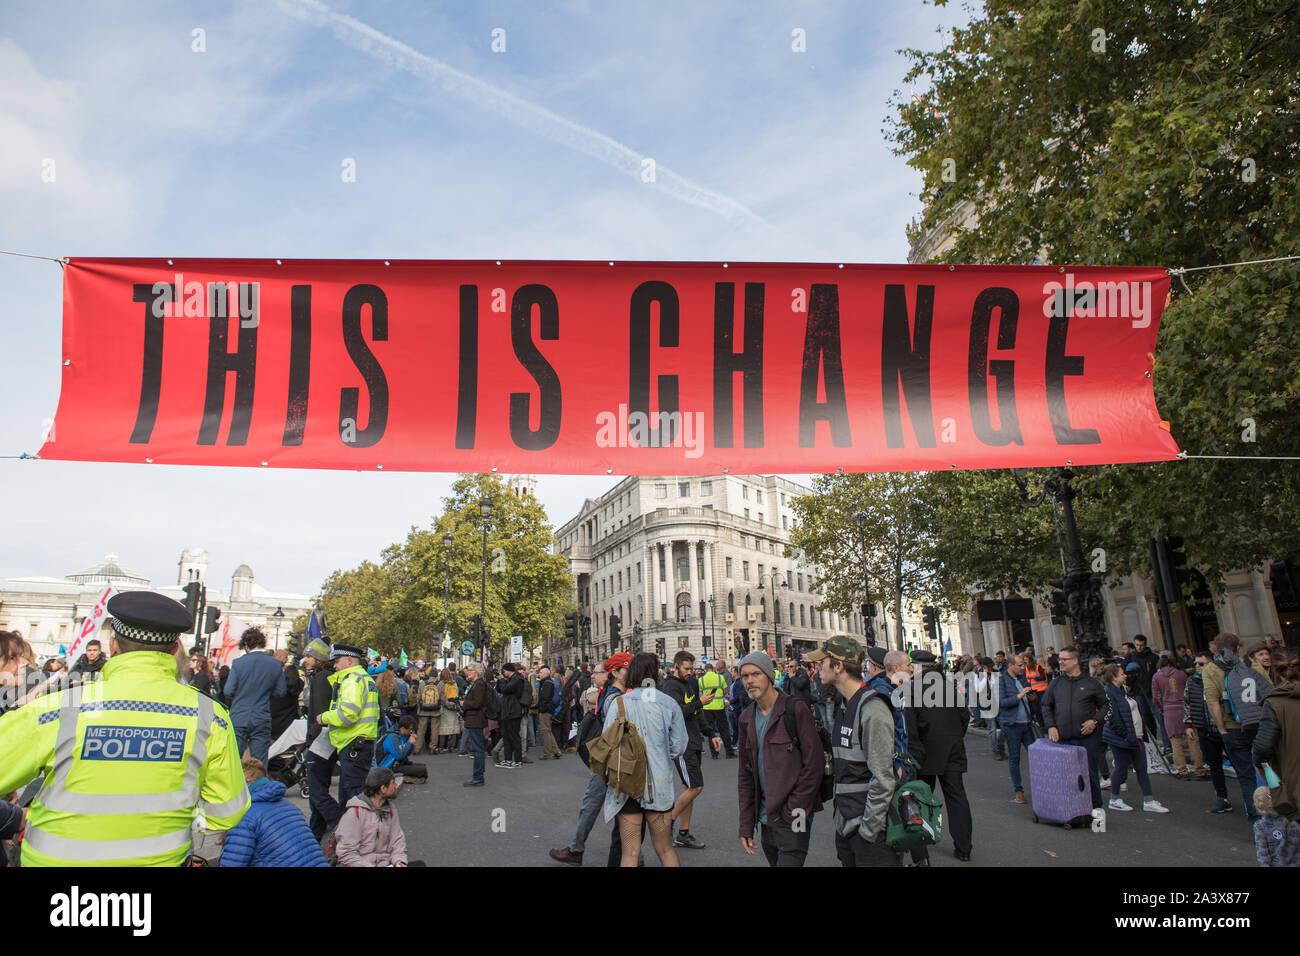 Westminster, Londra, Regno Unito. Il 10 ottobre 2019. Gli attivisti ambientali estinzione della ribellione hanno iniziato due settimane proteste dal 7 al 20 Ottobre a e intorno a Londra per dimostrare contro il cambiamento climatico. I manifestanti in Trafalgar Square e richiedono una decisa azione dal governo del Regno Unito la globale crisi ambientale. Foto Stock